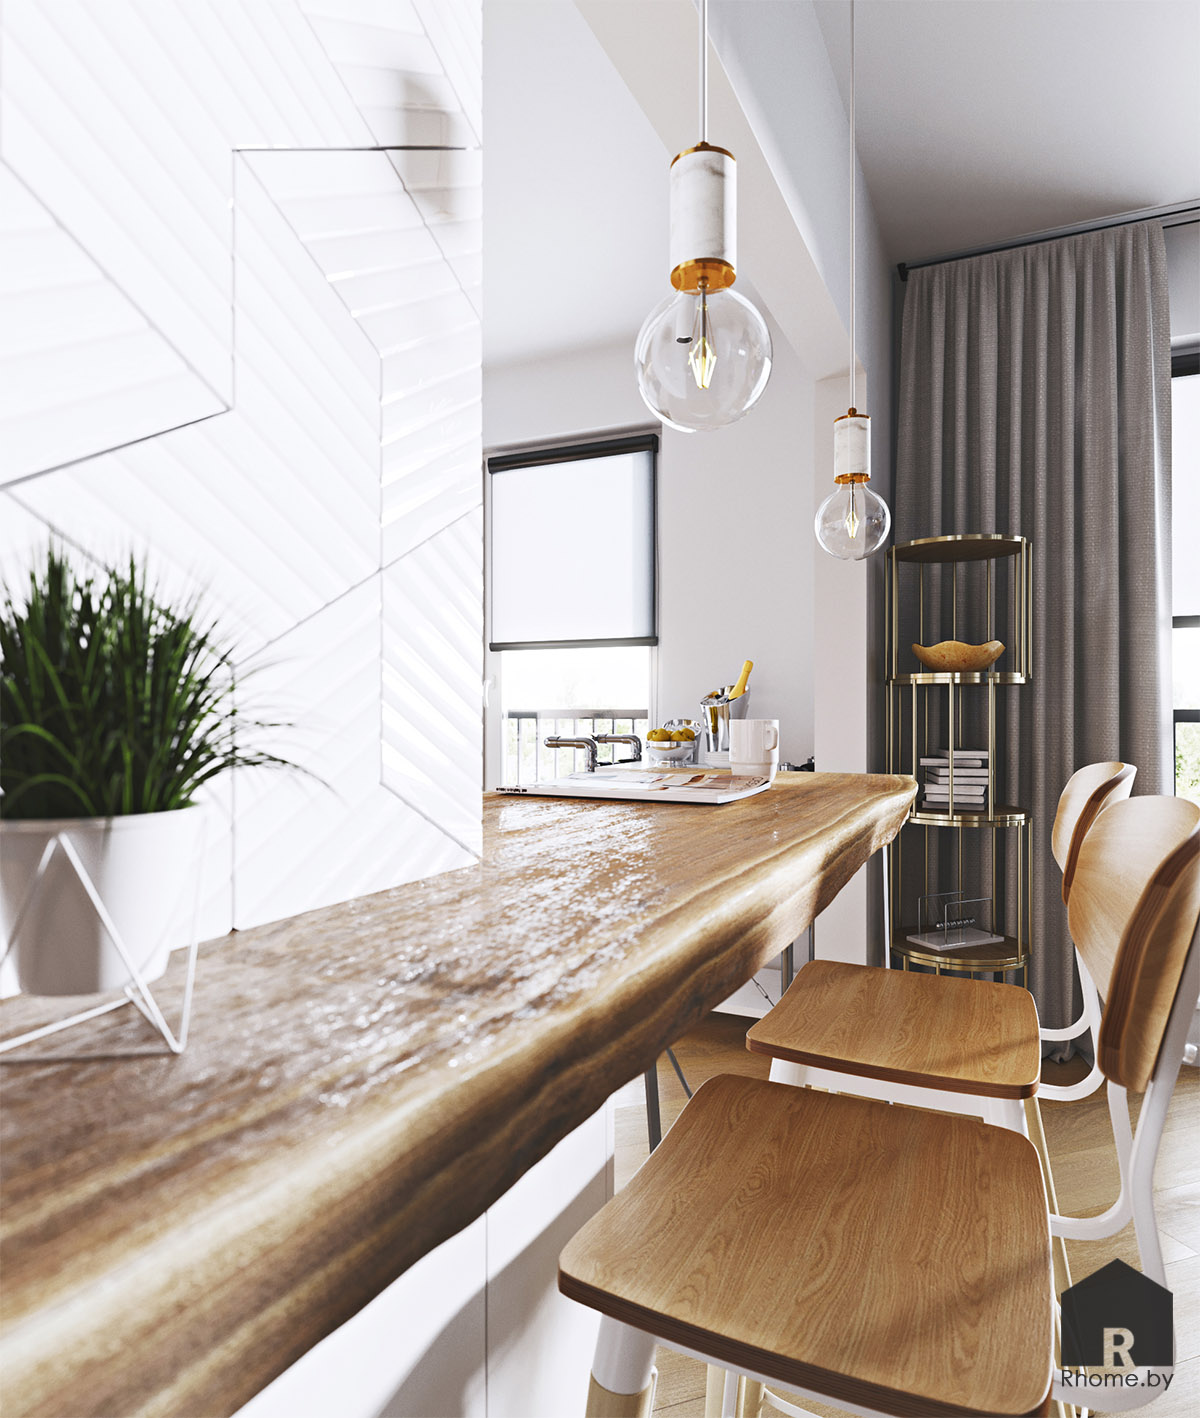 Дизайн интерьера кухни в Новой Боровой | Дизайн студия – Rhome.by